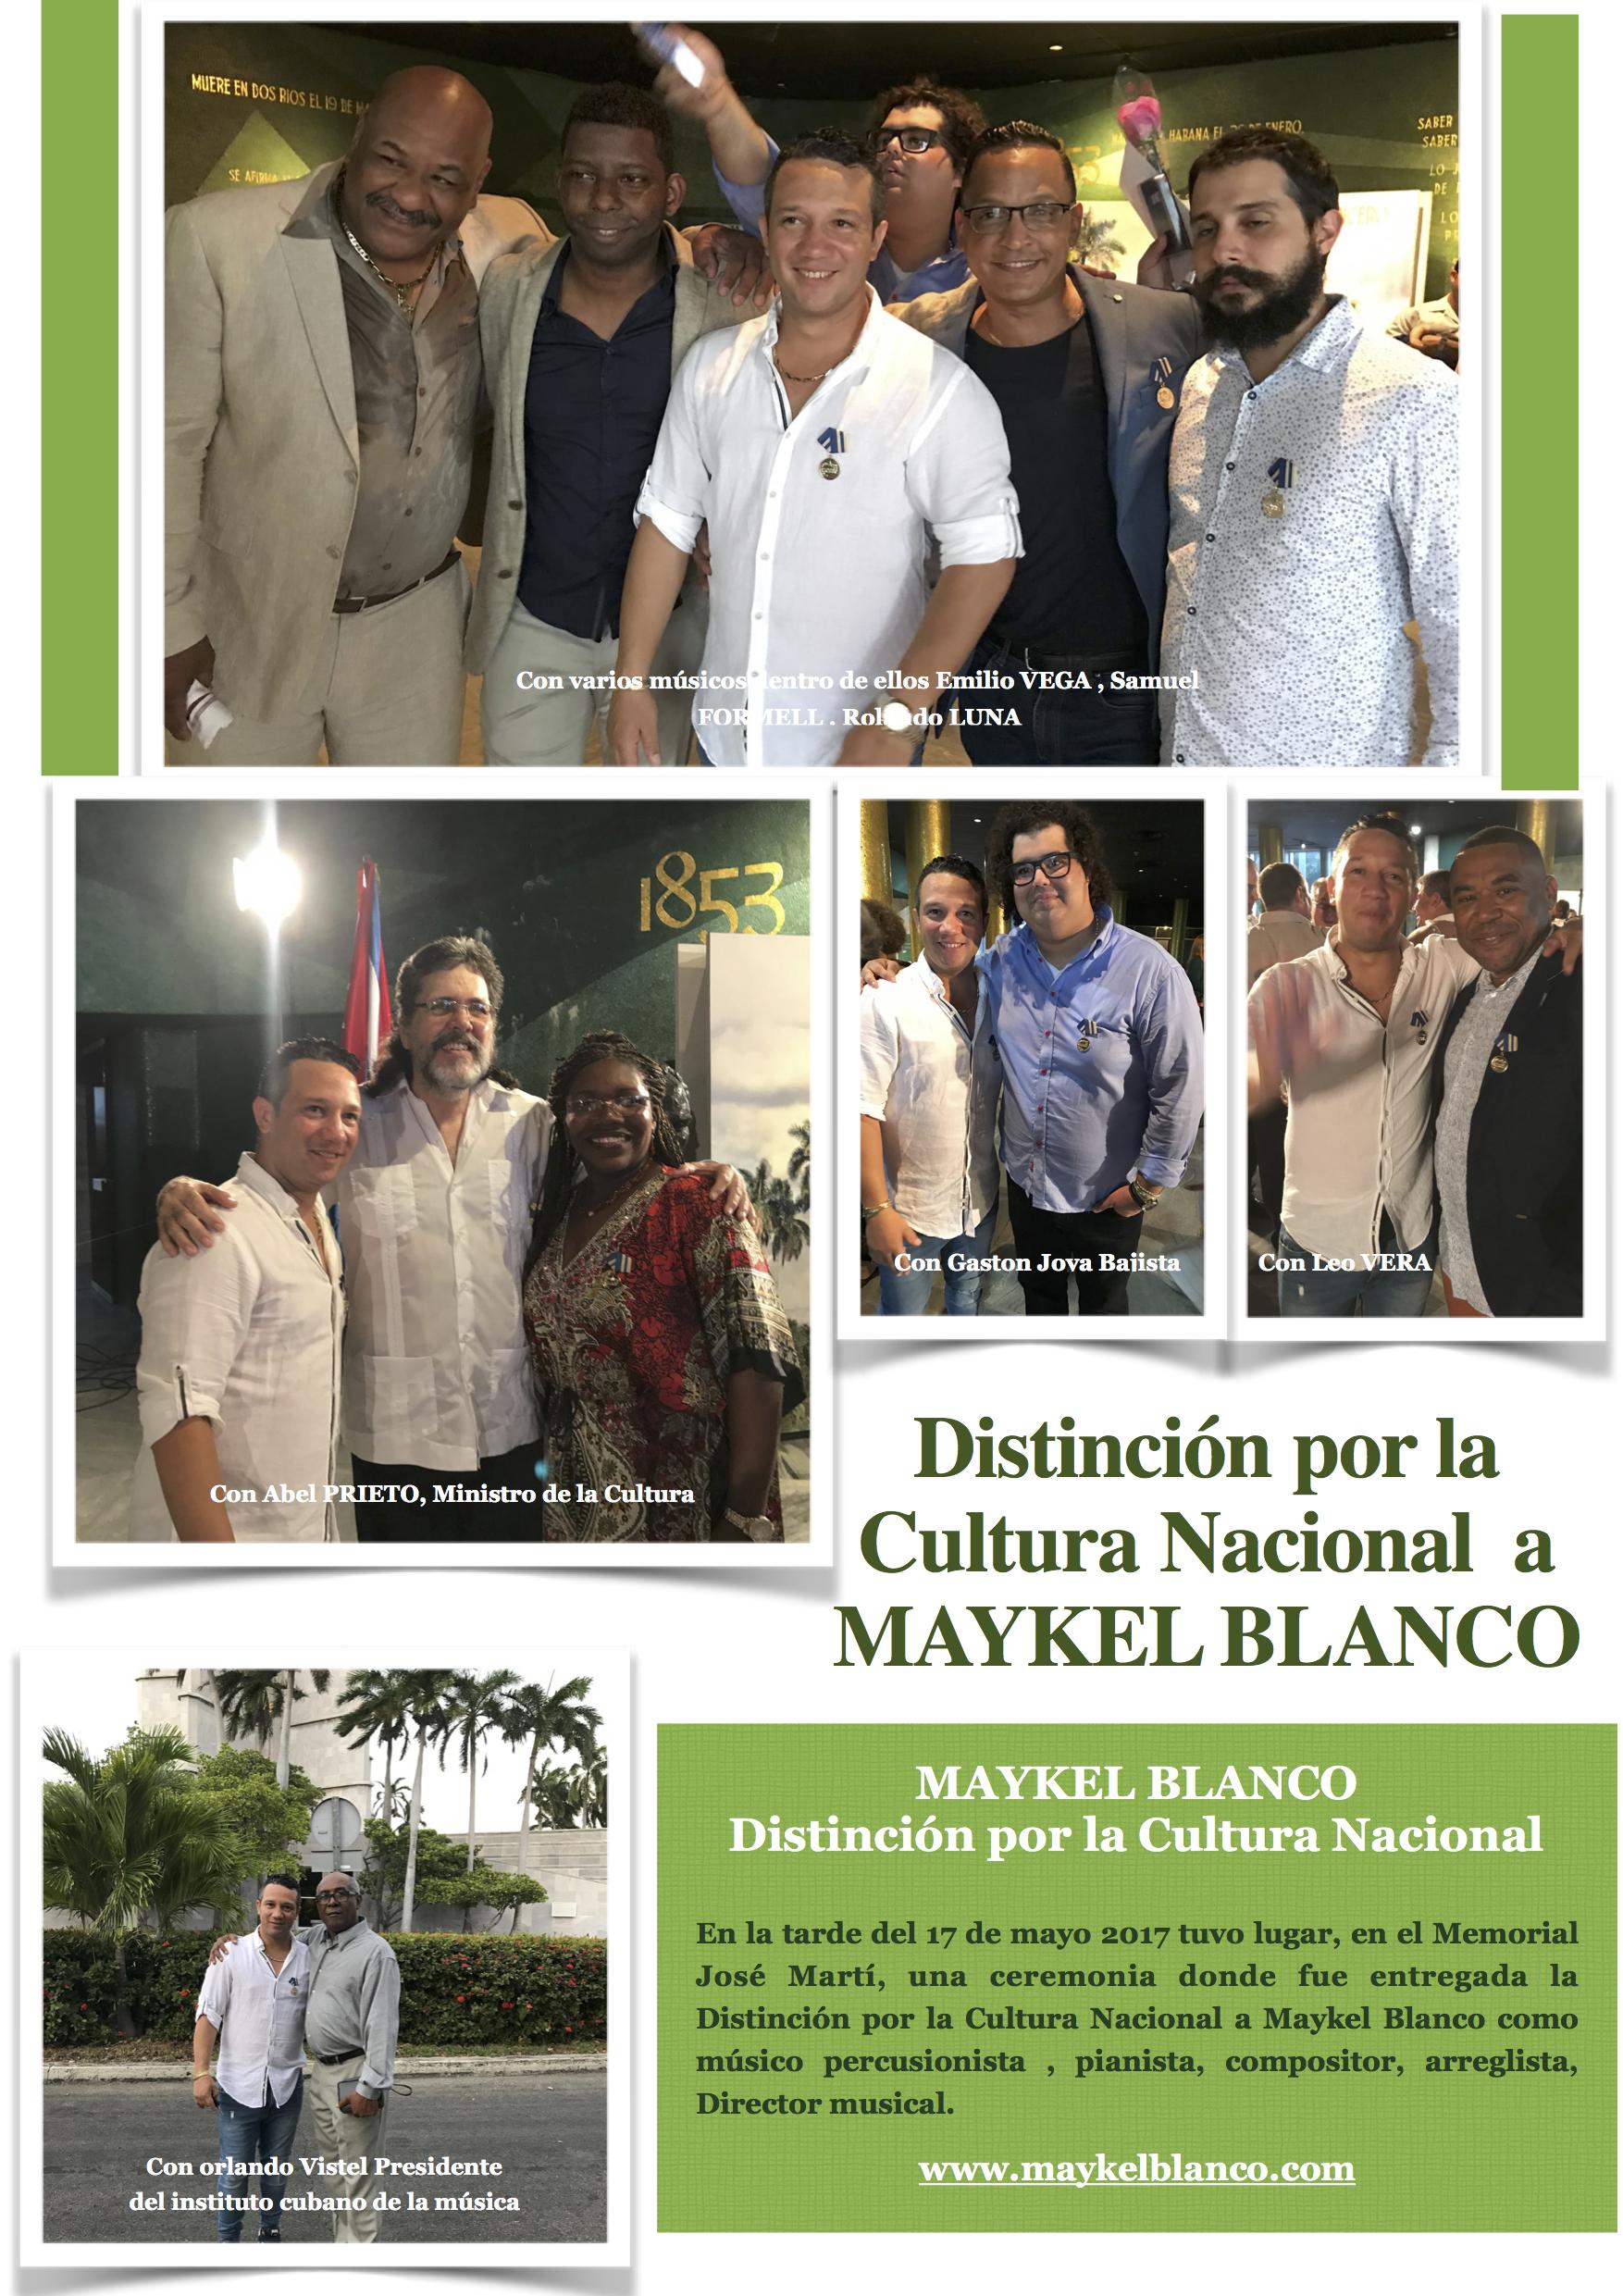 ARTICULO DISTINCCION NACIONAL CULTURA